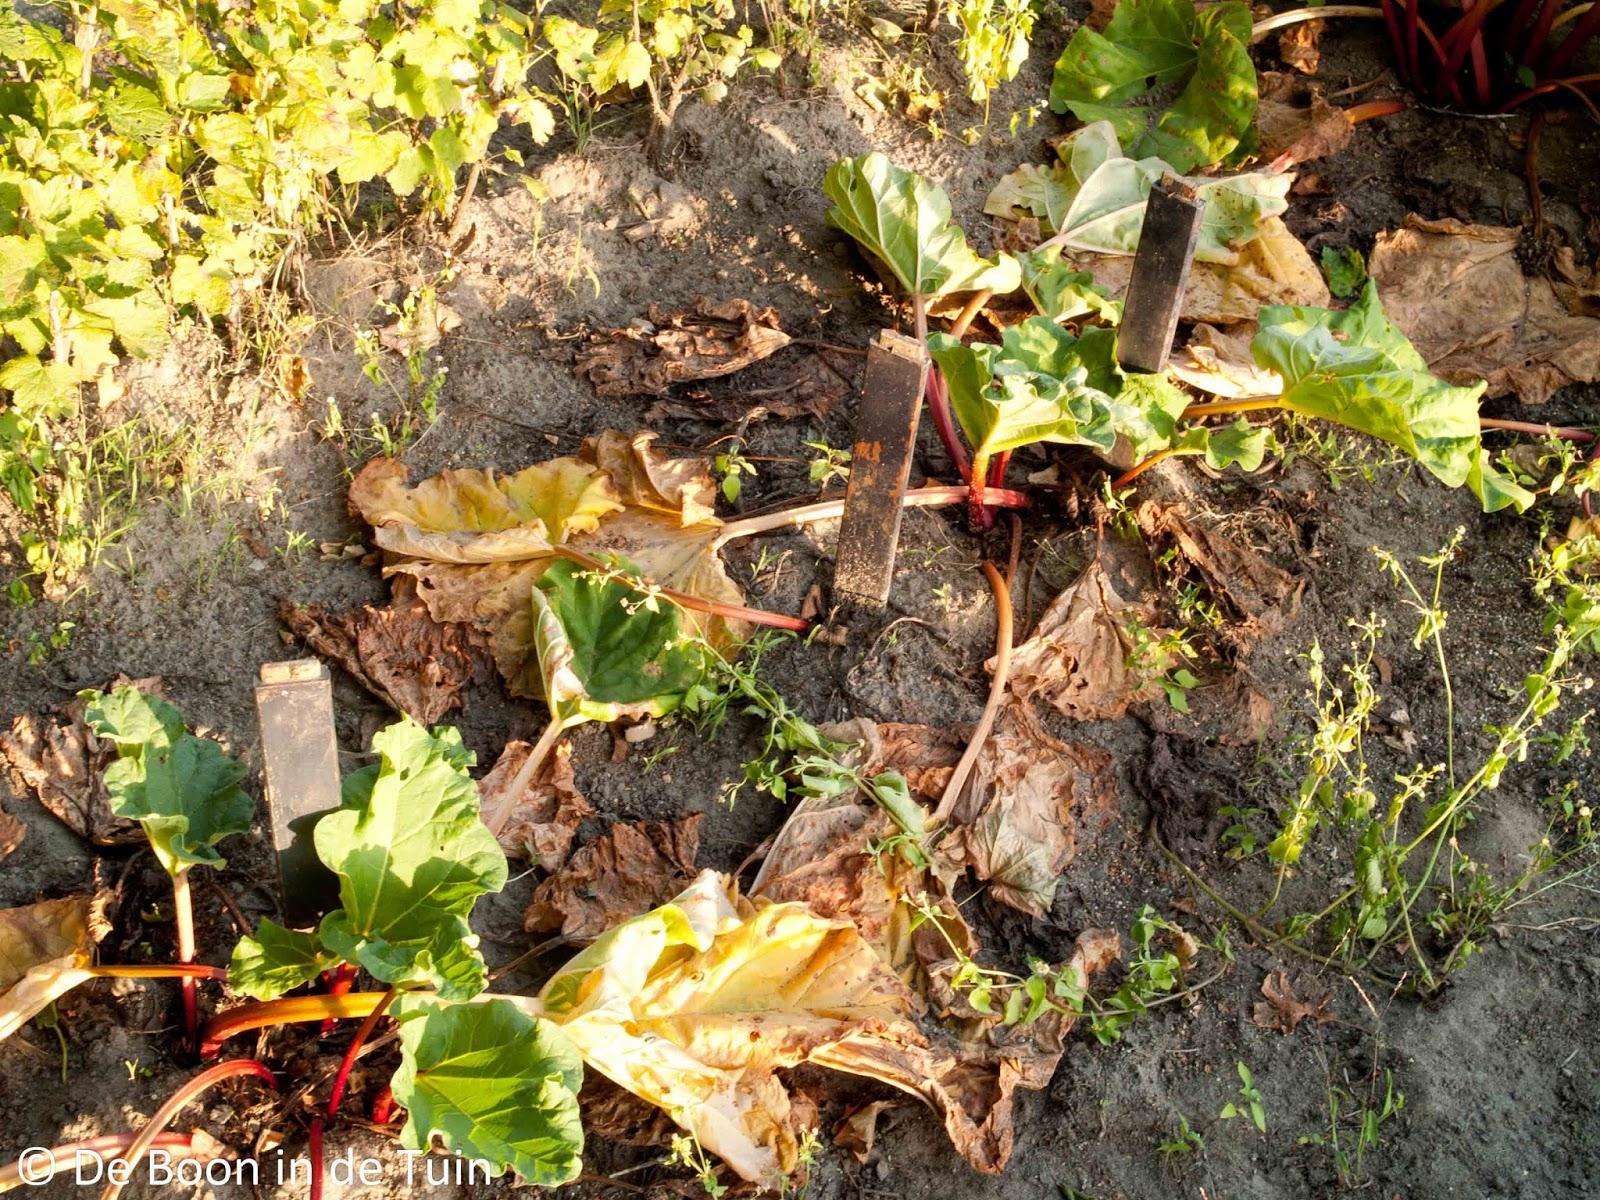 rabarber herfst najaar volkstuin moestuin